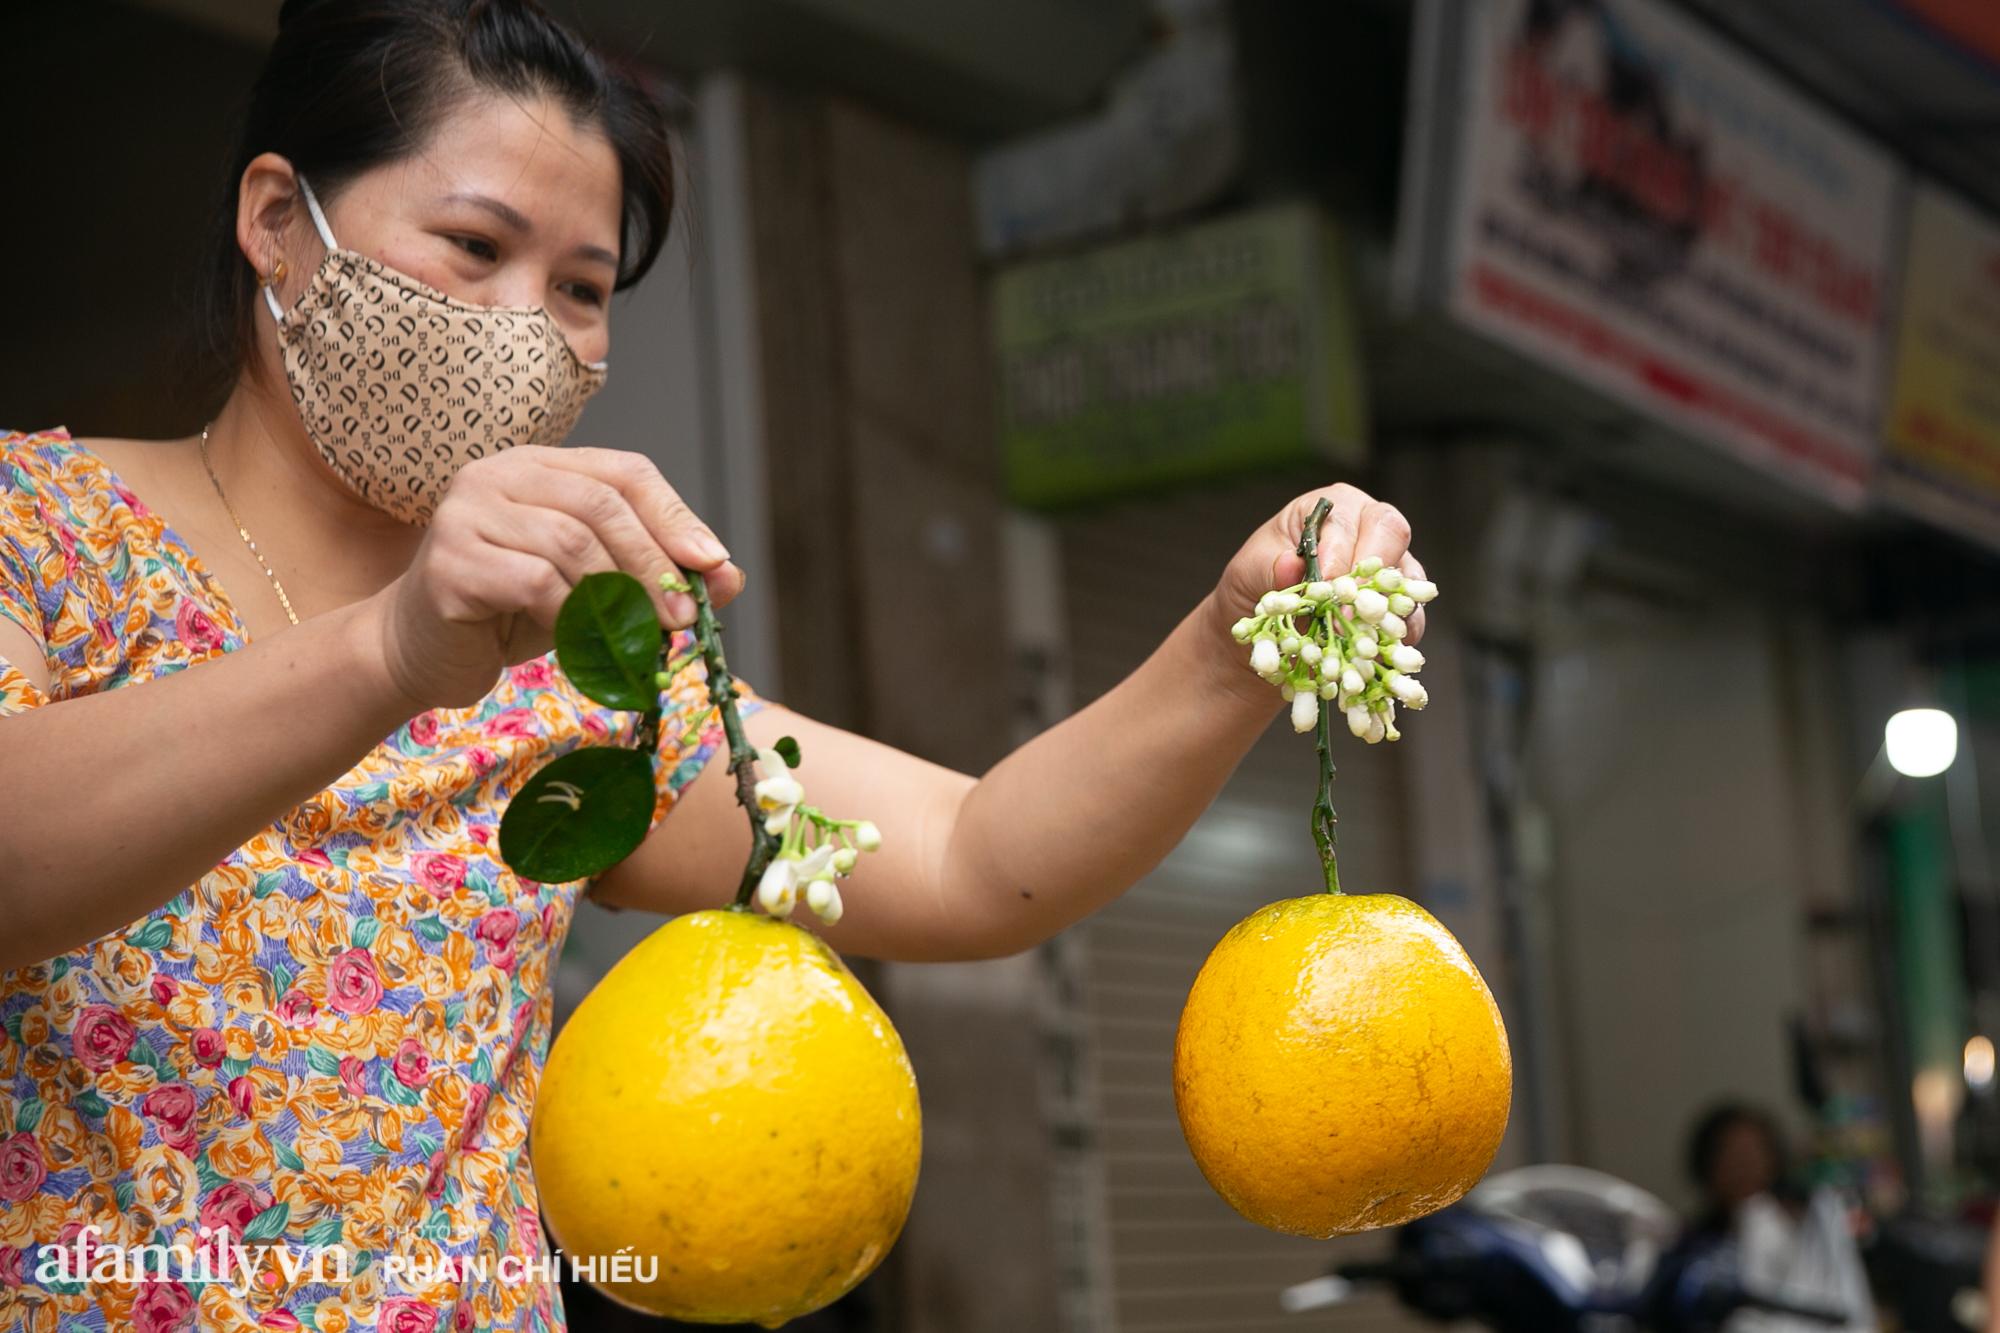 Hàng bưởi Diễn da vàng óng có từng búi hoa tươi trở thành món hàng siêu độc trên chợ nhà giàu Hà Nội, tận 100k/quả, bà chủ thu cả chục triệu mỗi ngày!  - Ảnh 4.